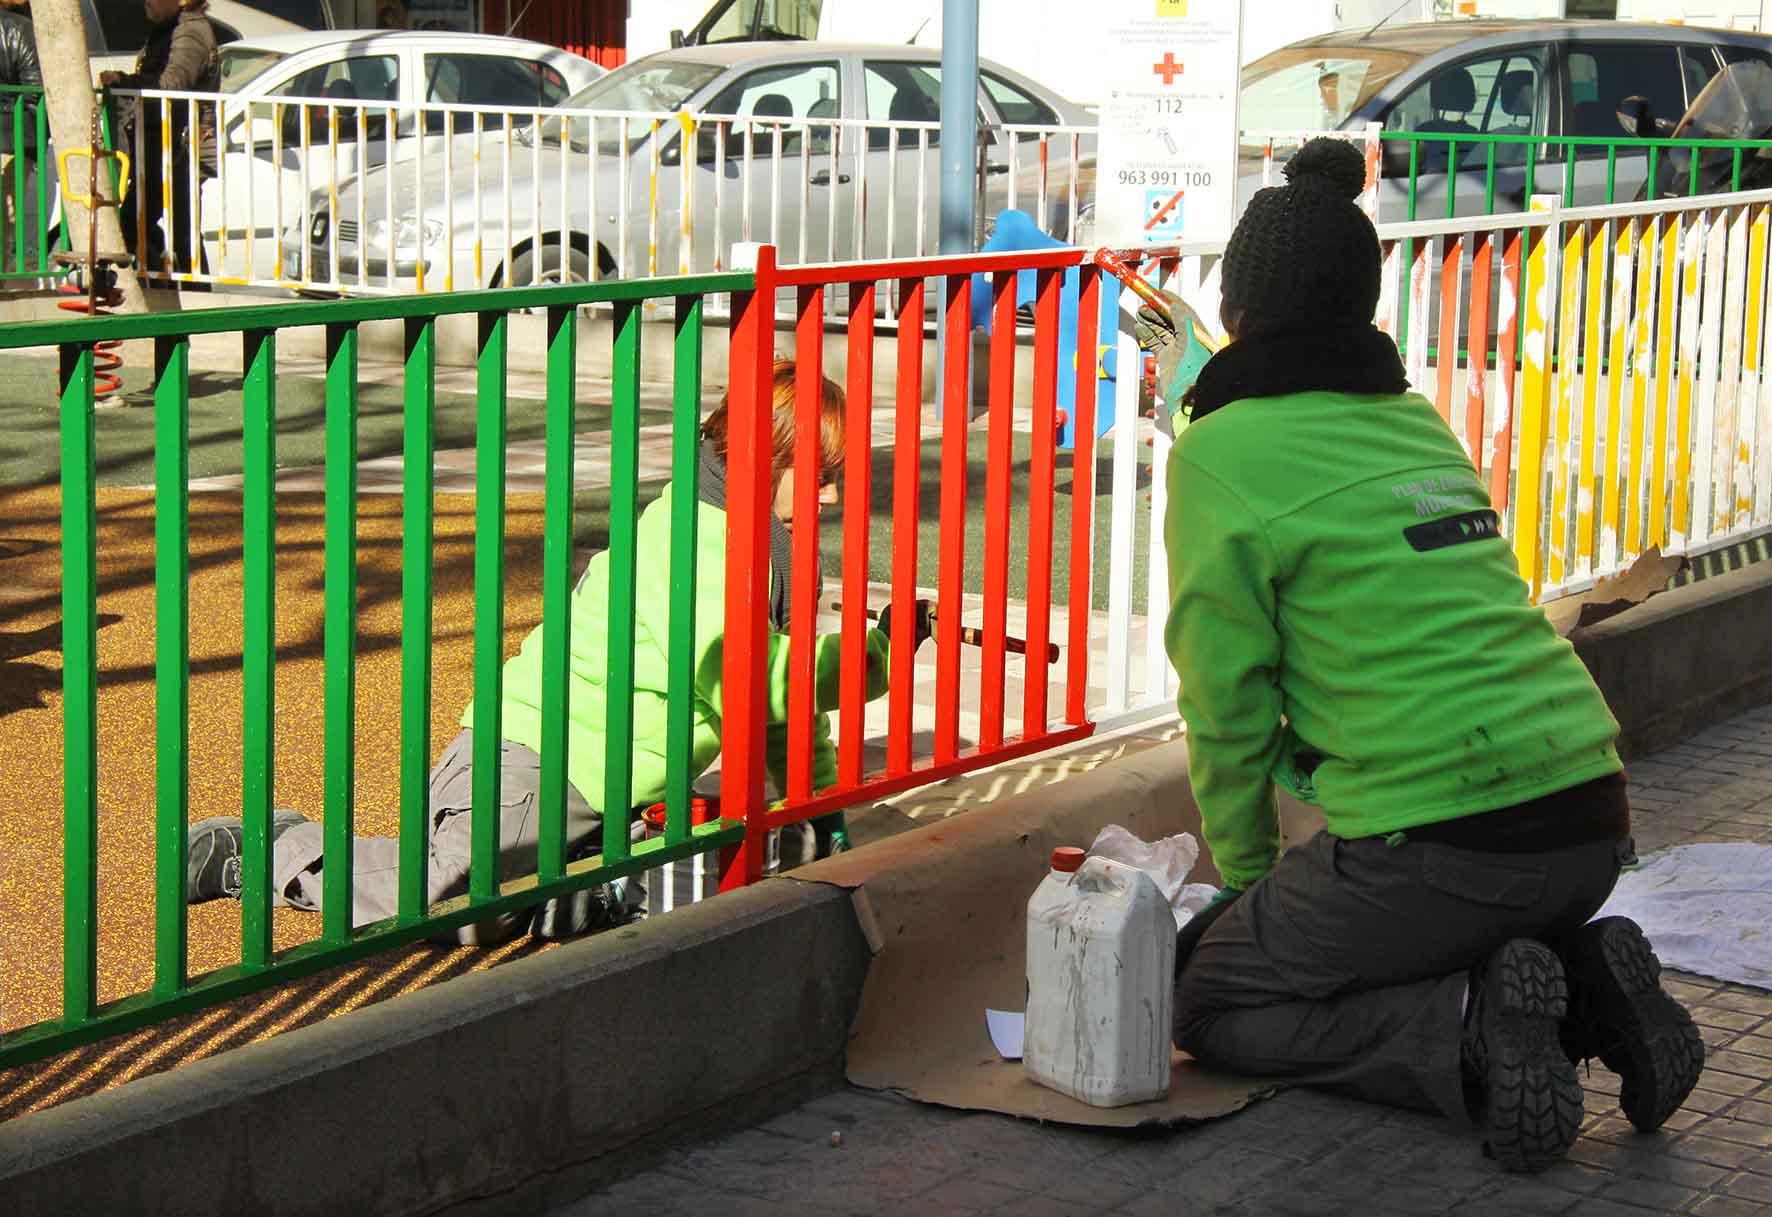 El Plan Social de Empleo de Mislata ayuda a las familias y mejora la ciudad